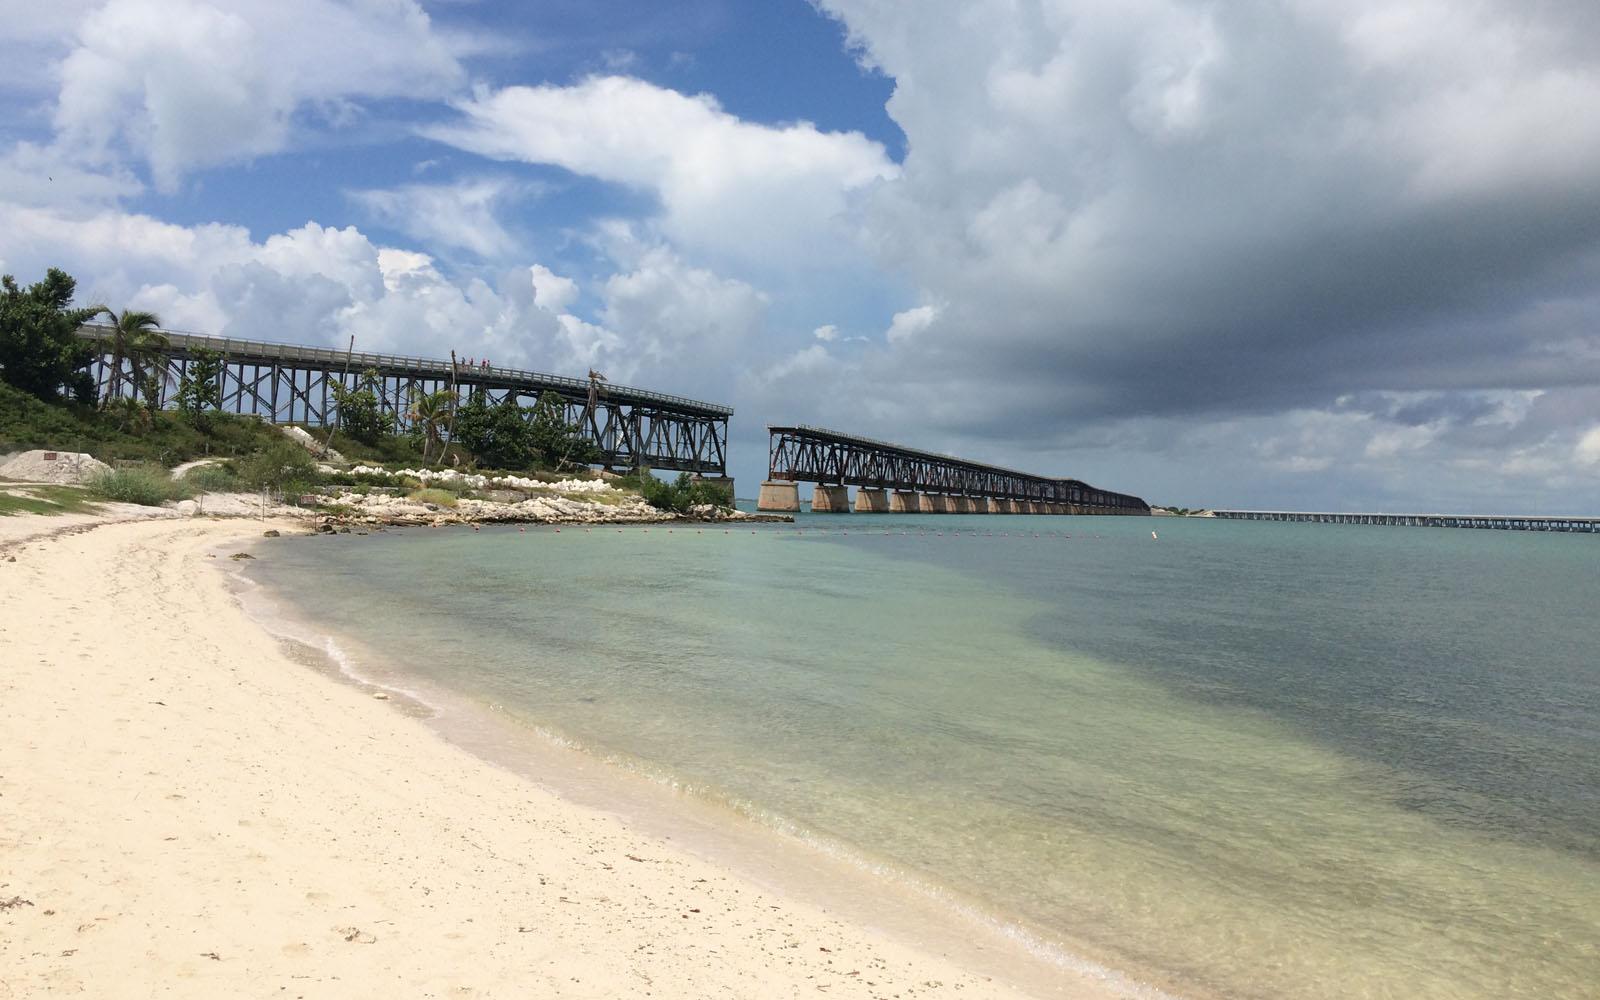 La spiaggia di Bahia Honda con il ponte interrotto sullo sfondo.